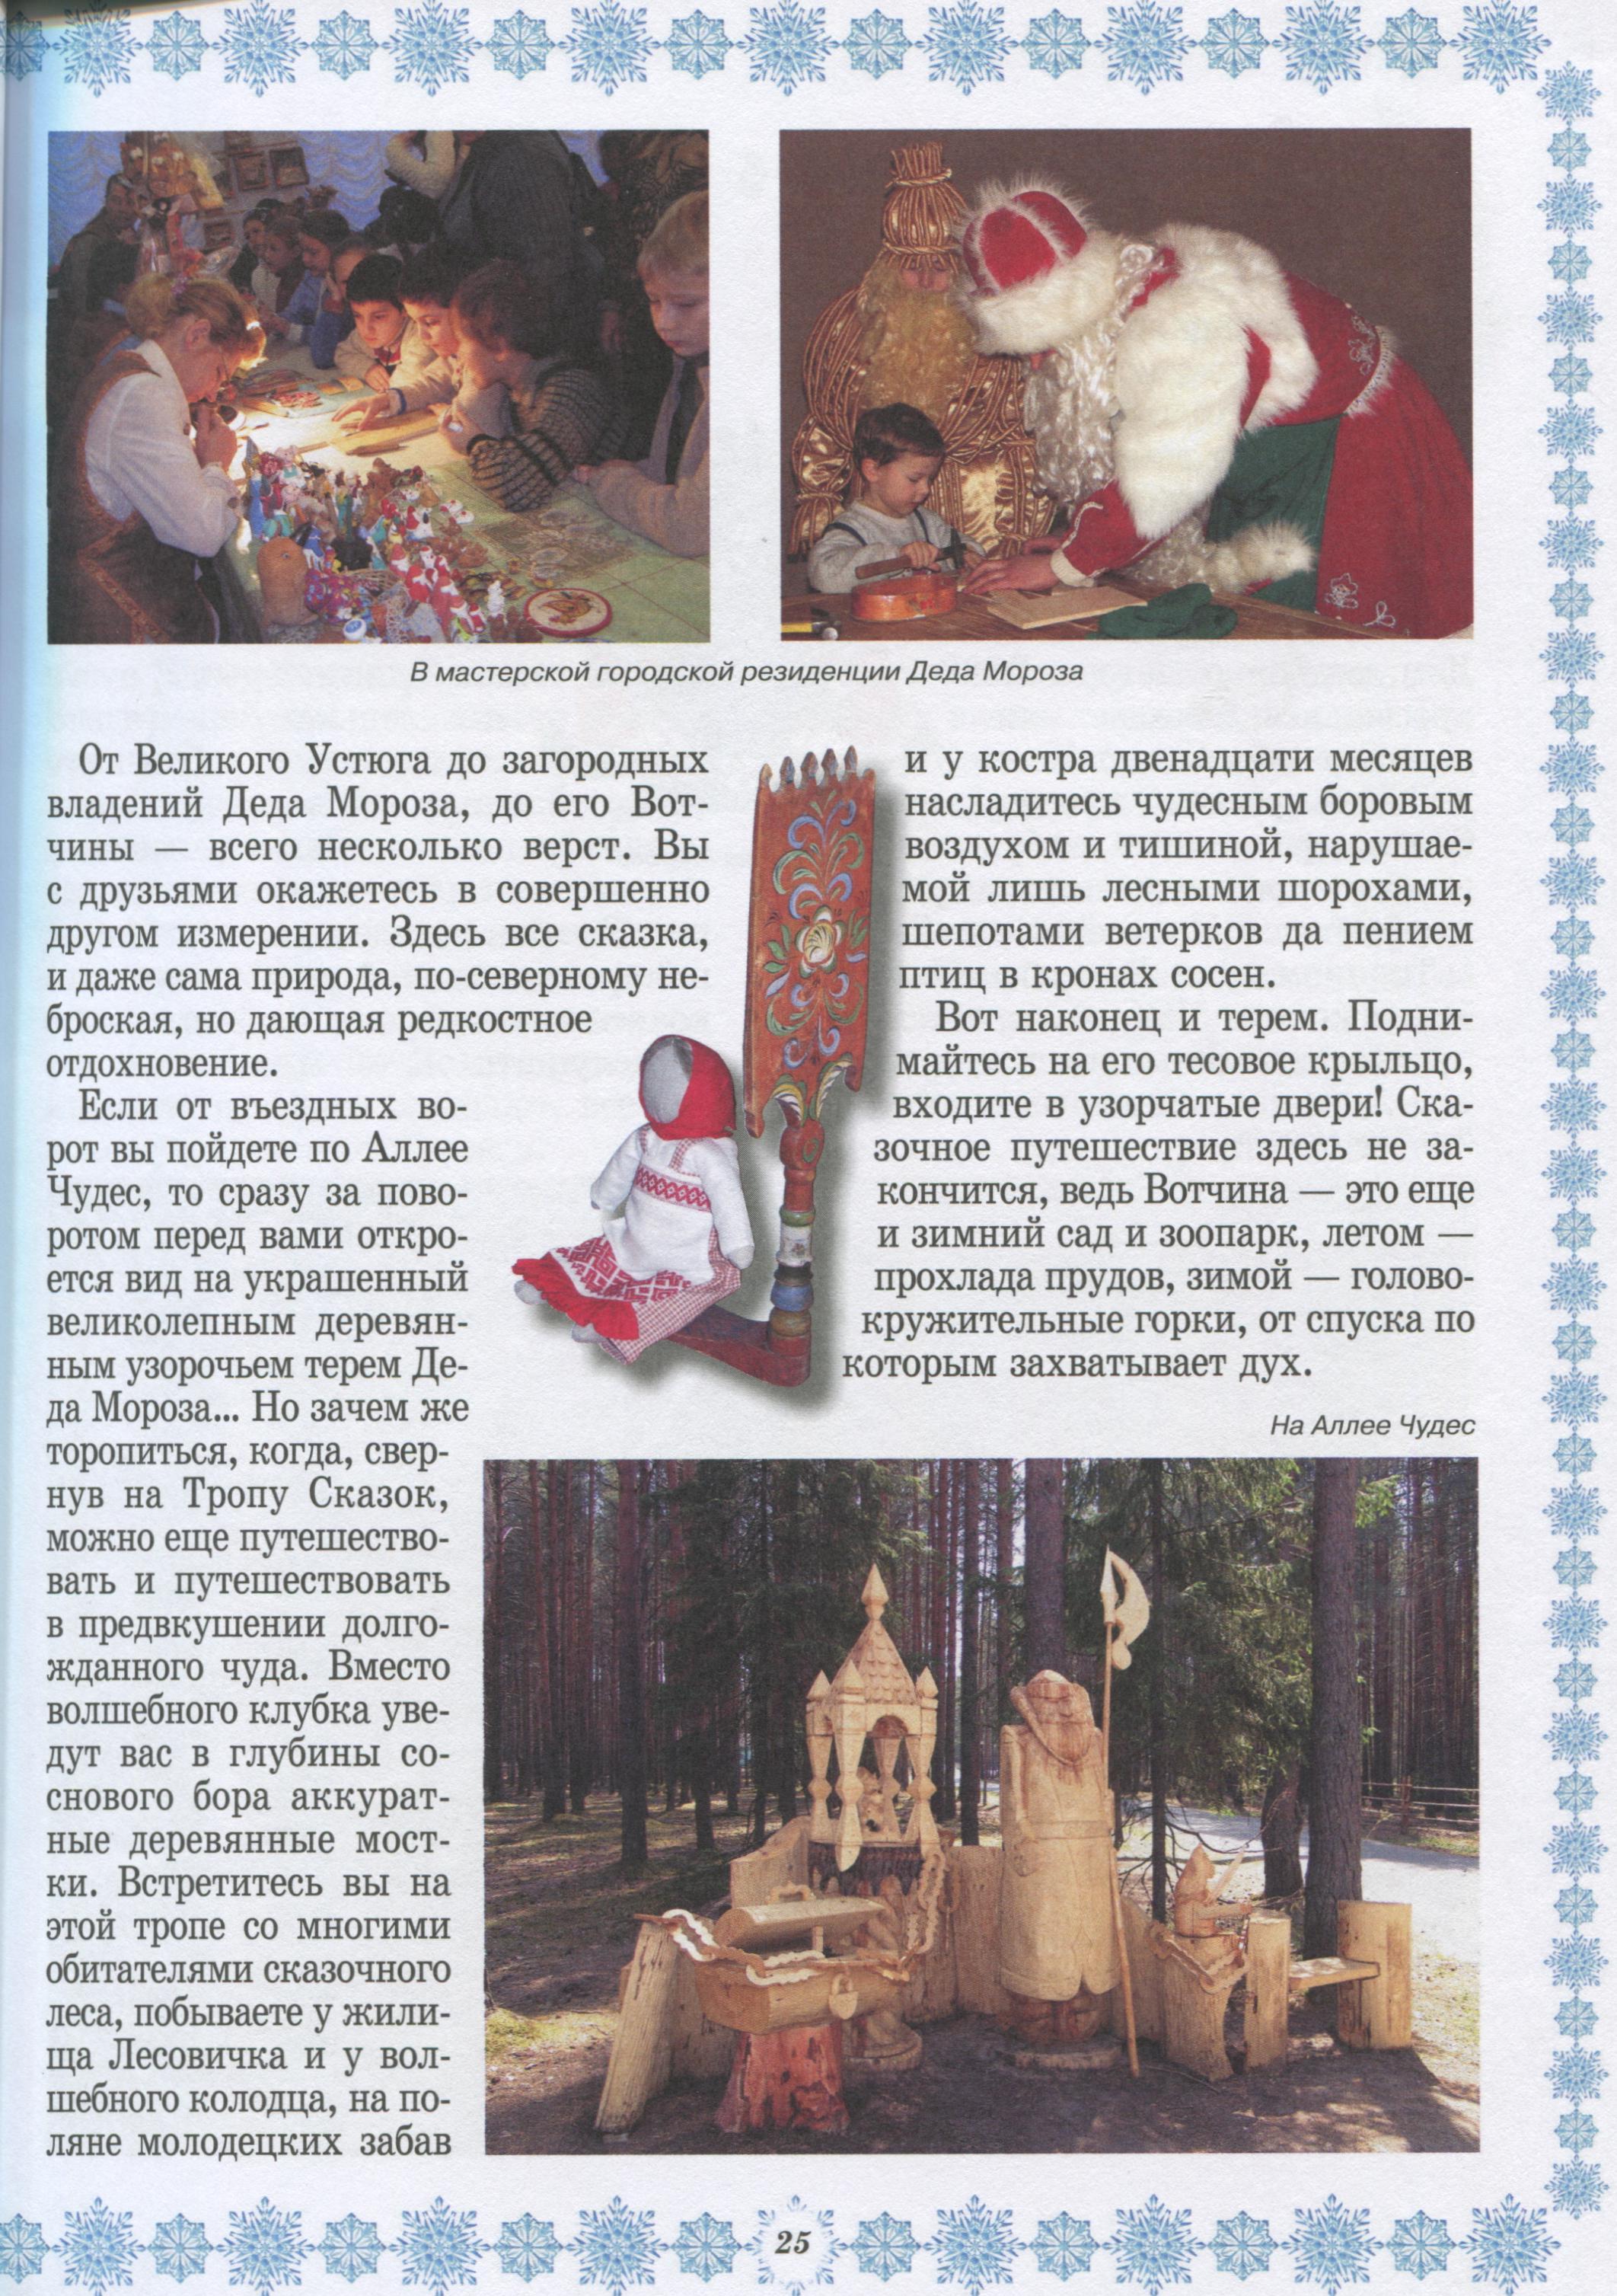 Дед Мороз Все о Деде Морозе История Деда Мороза